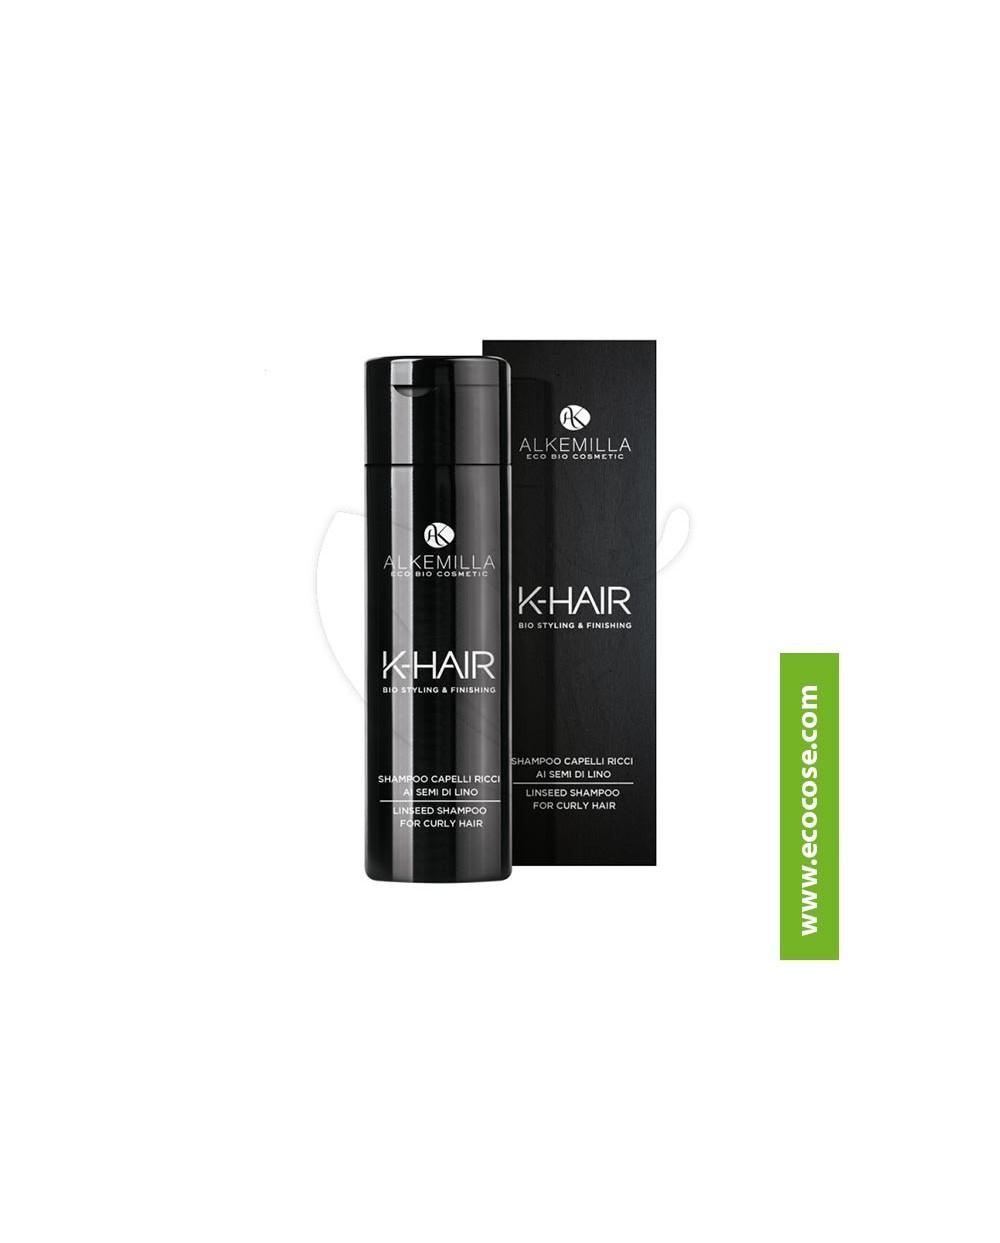 Alkemilla - K-HAIR - Shampoo Capelli Ricci ai semi di lino